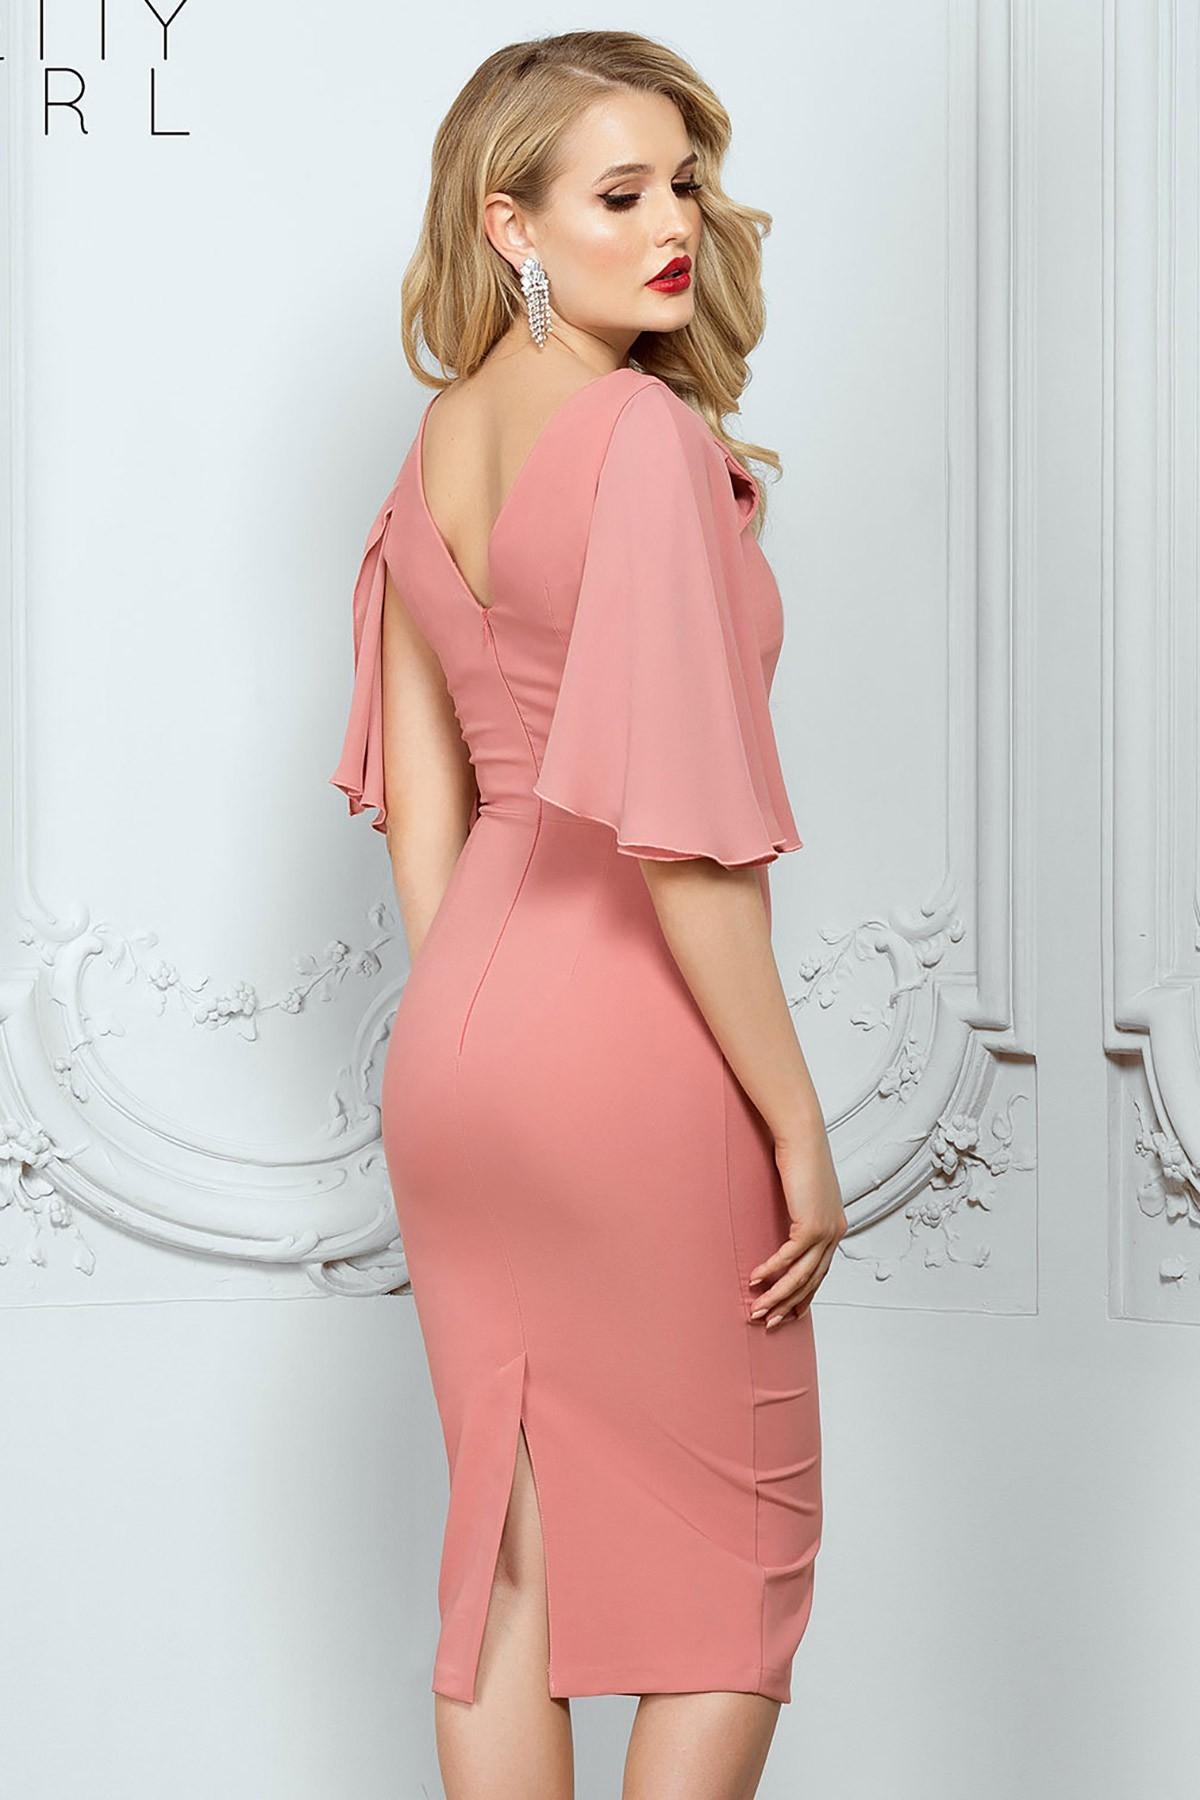 Rochie de seara roz prafuit cambrata cu maneca din voal